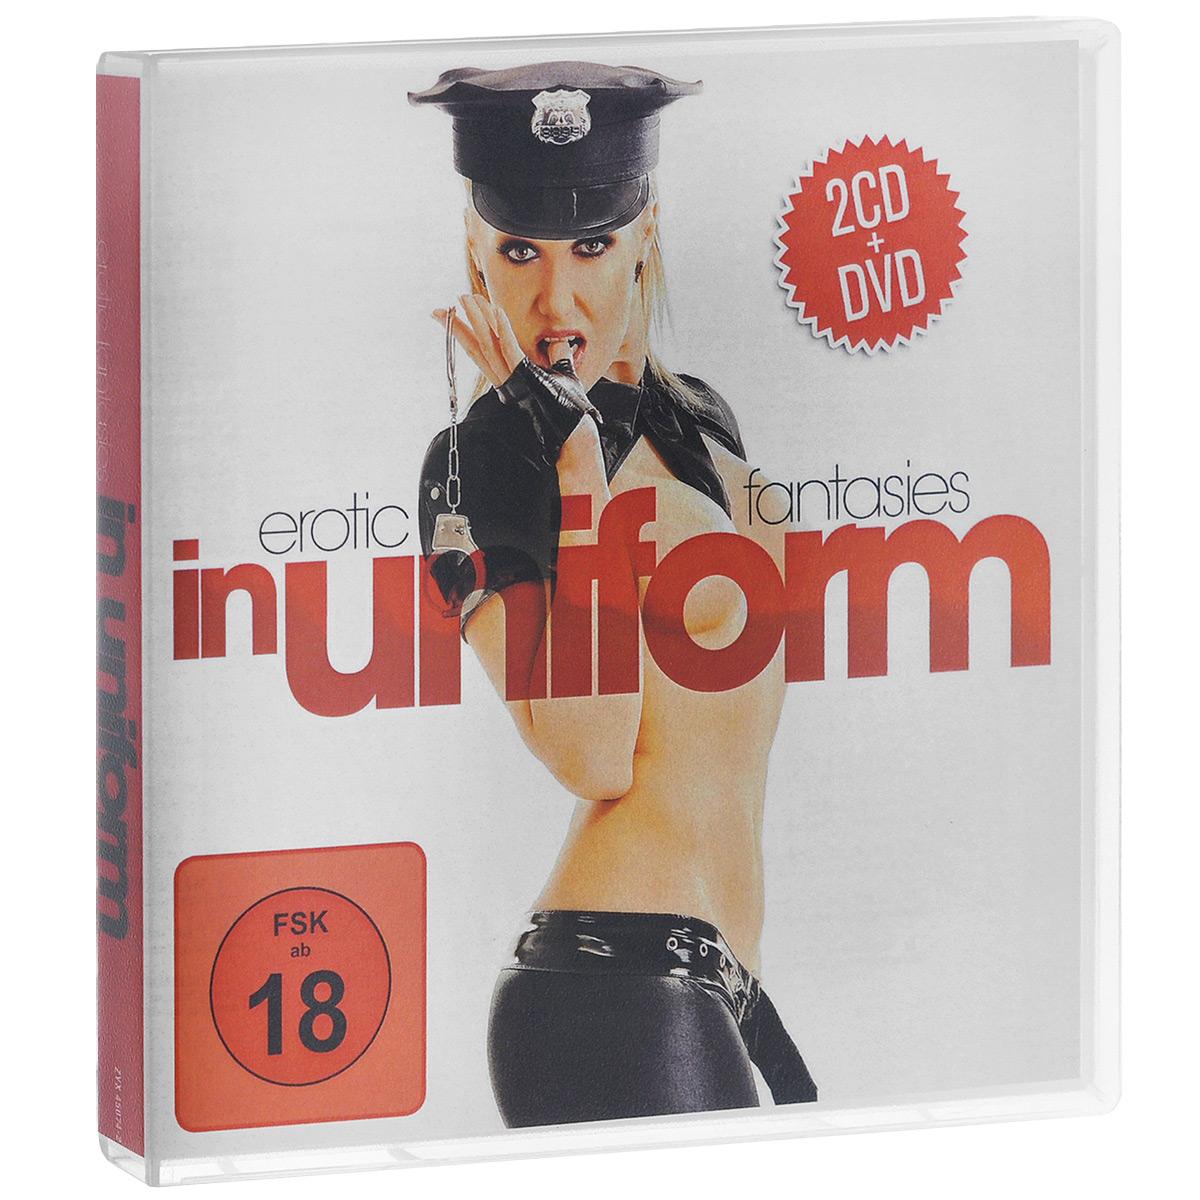 Bi sexual fantasies dvd